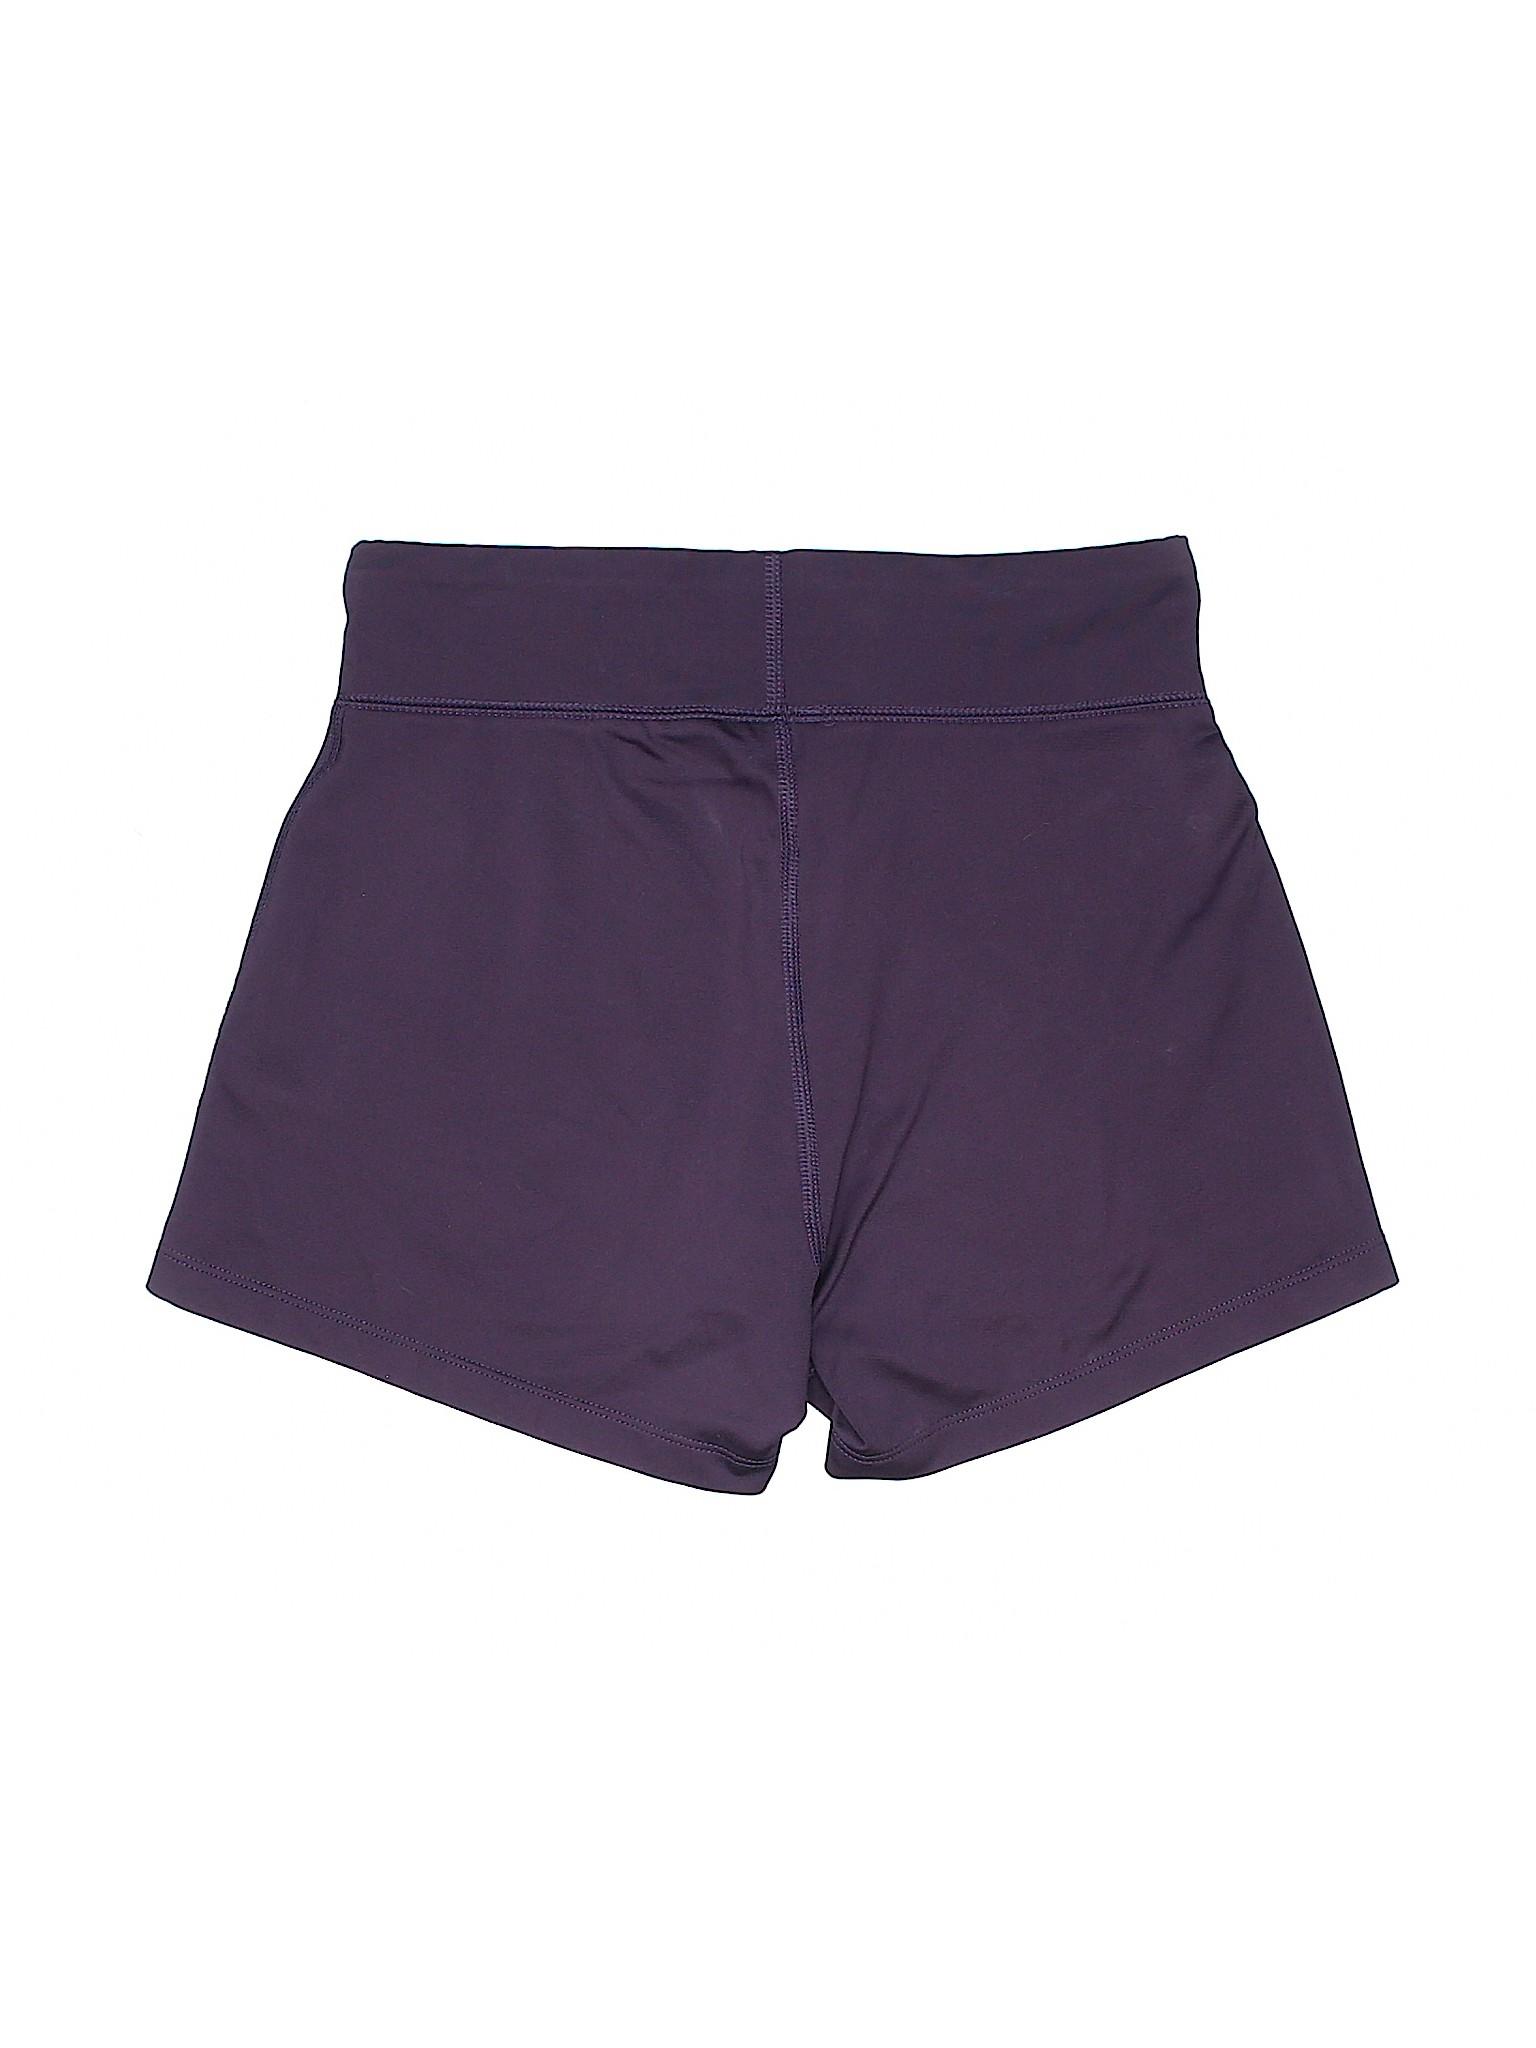 Boutique Boutique Shorts Under Armour Athletic Under rRxrwqS5U